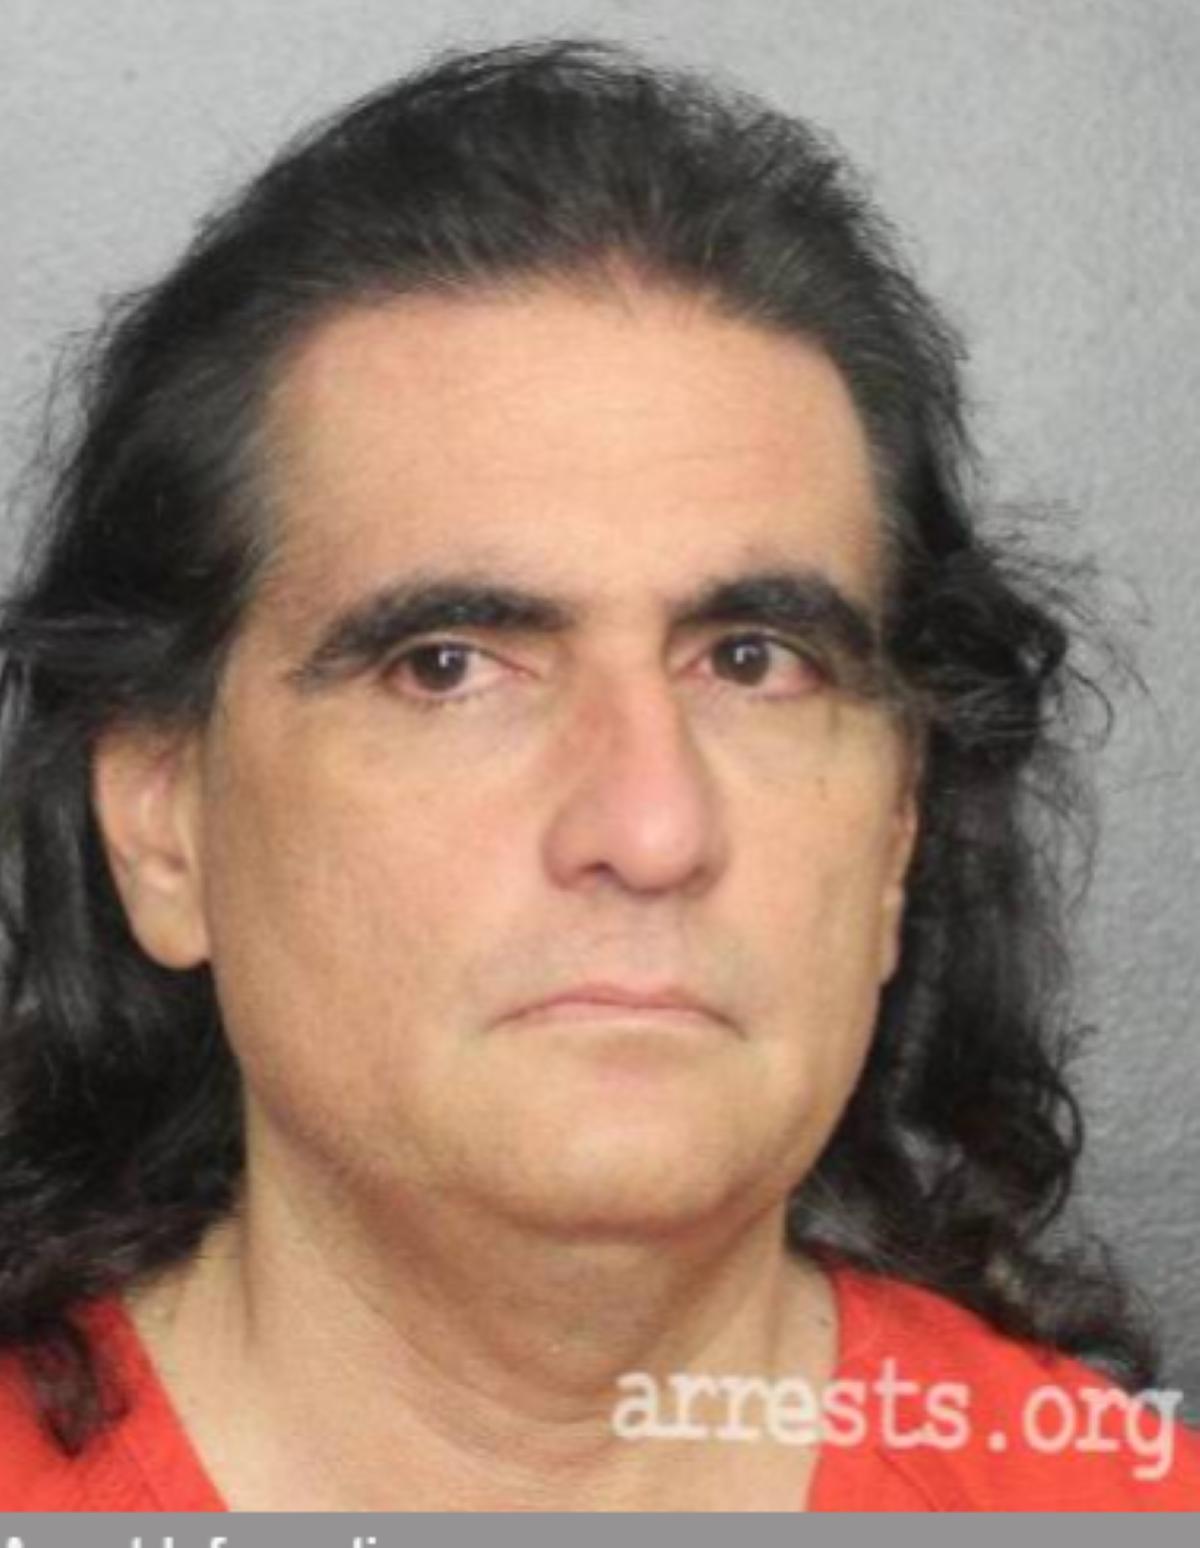 La ficha de arresto del empresario colombiano Alex Saab, extraditado a Estados Unidos (EEUU).